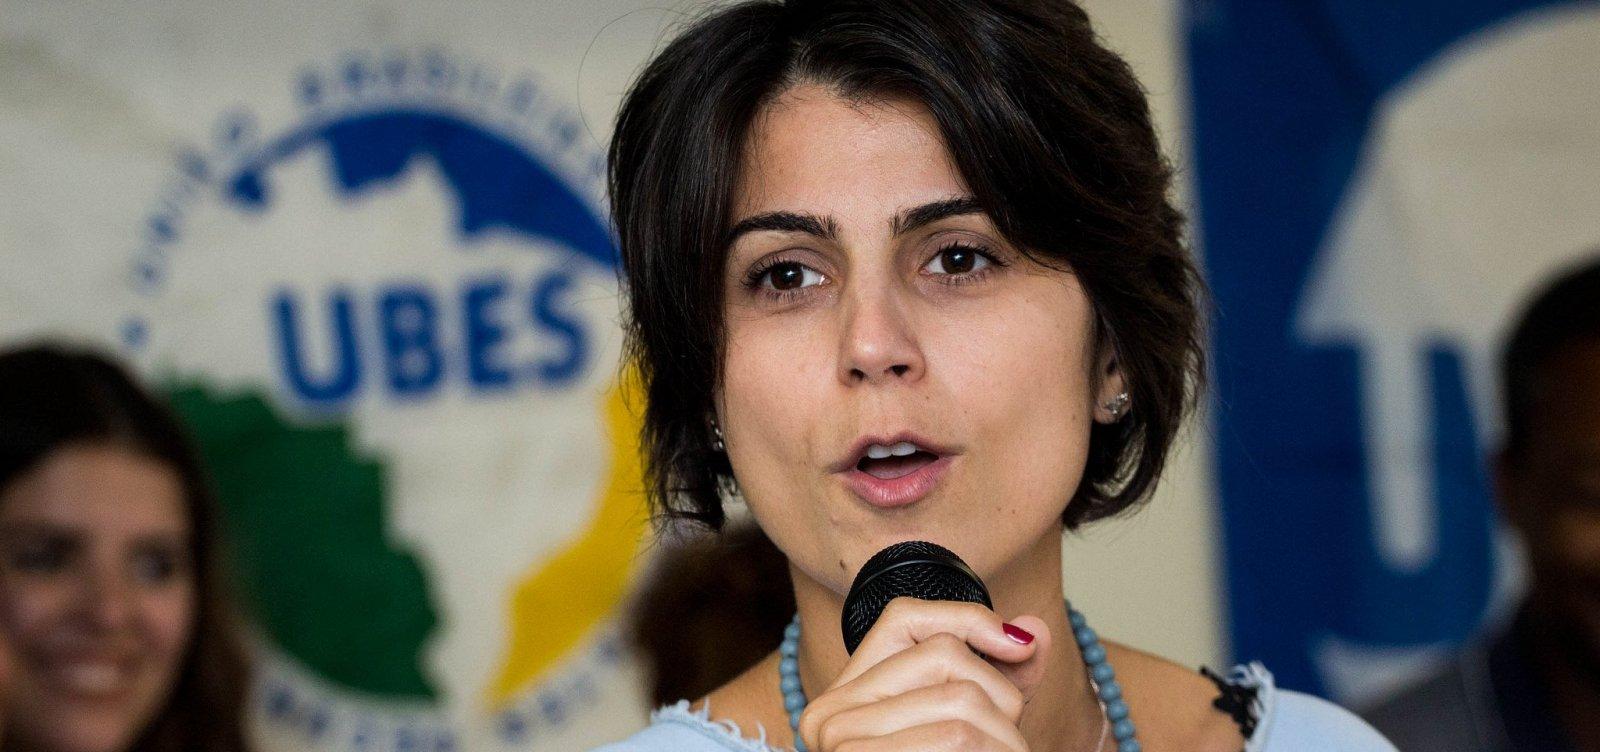 Após votar, Manuela D'Ávila diz ter convicção na 'maior virada da história'